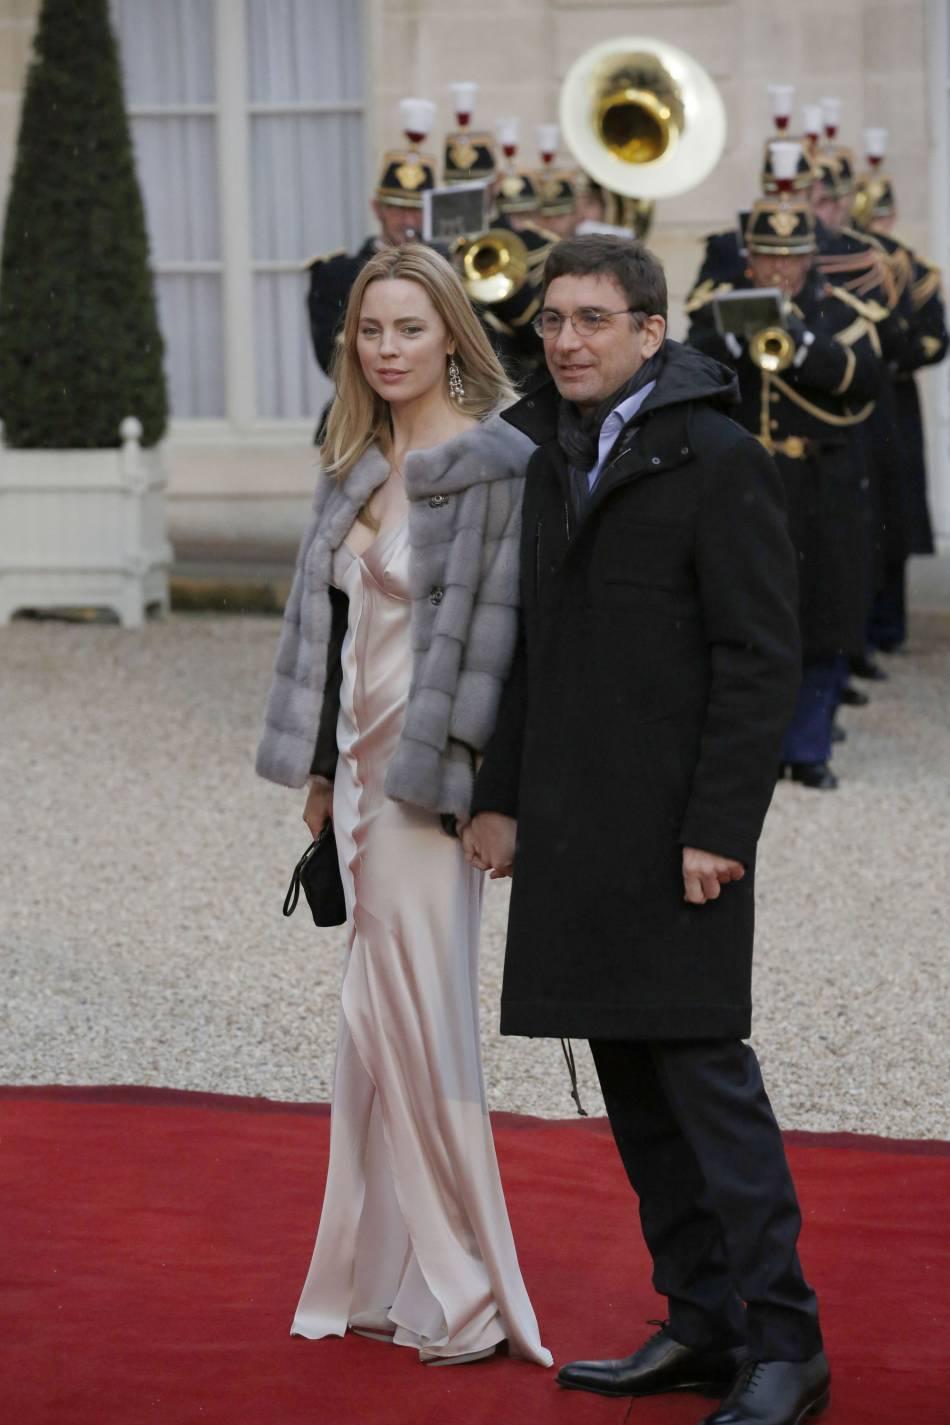 Parmi les convives, l'actrice australienne Melissa George et son compagnon, Jean-David Blanc (fondateur d' Allociné ).